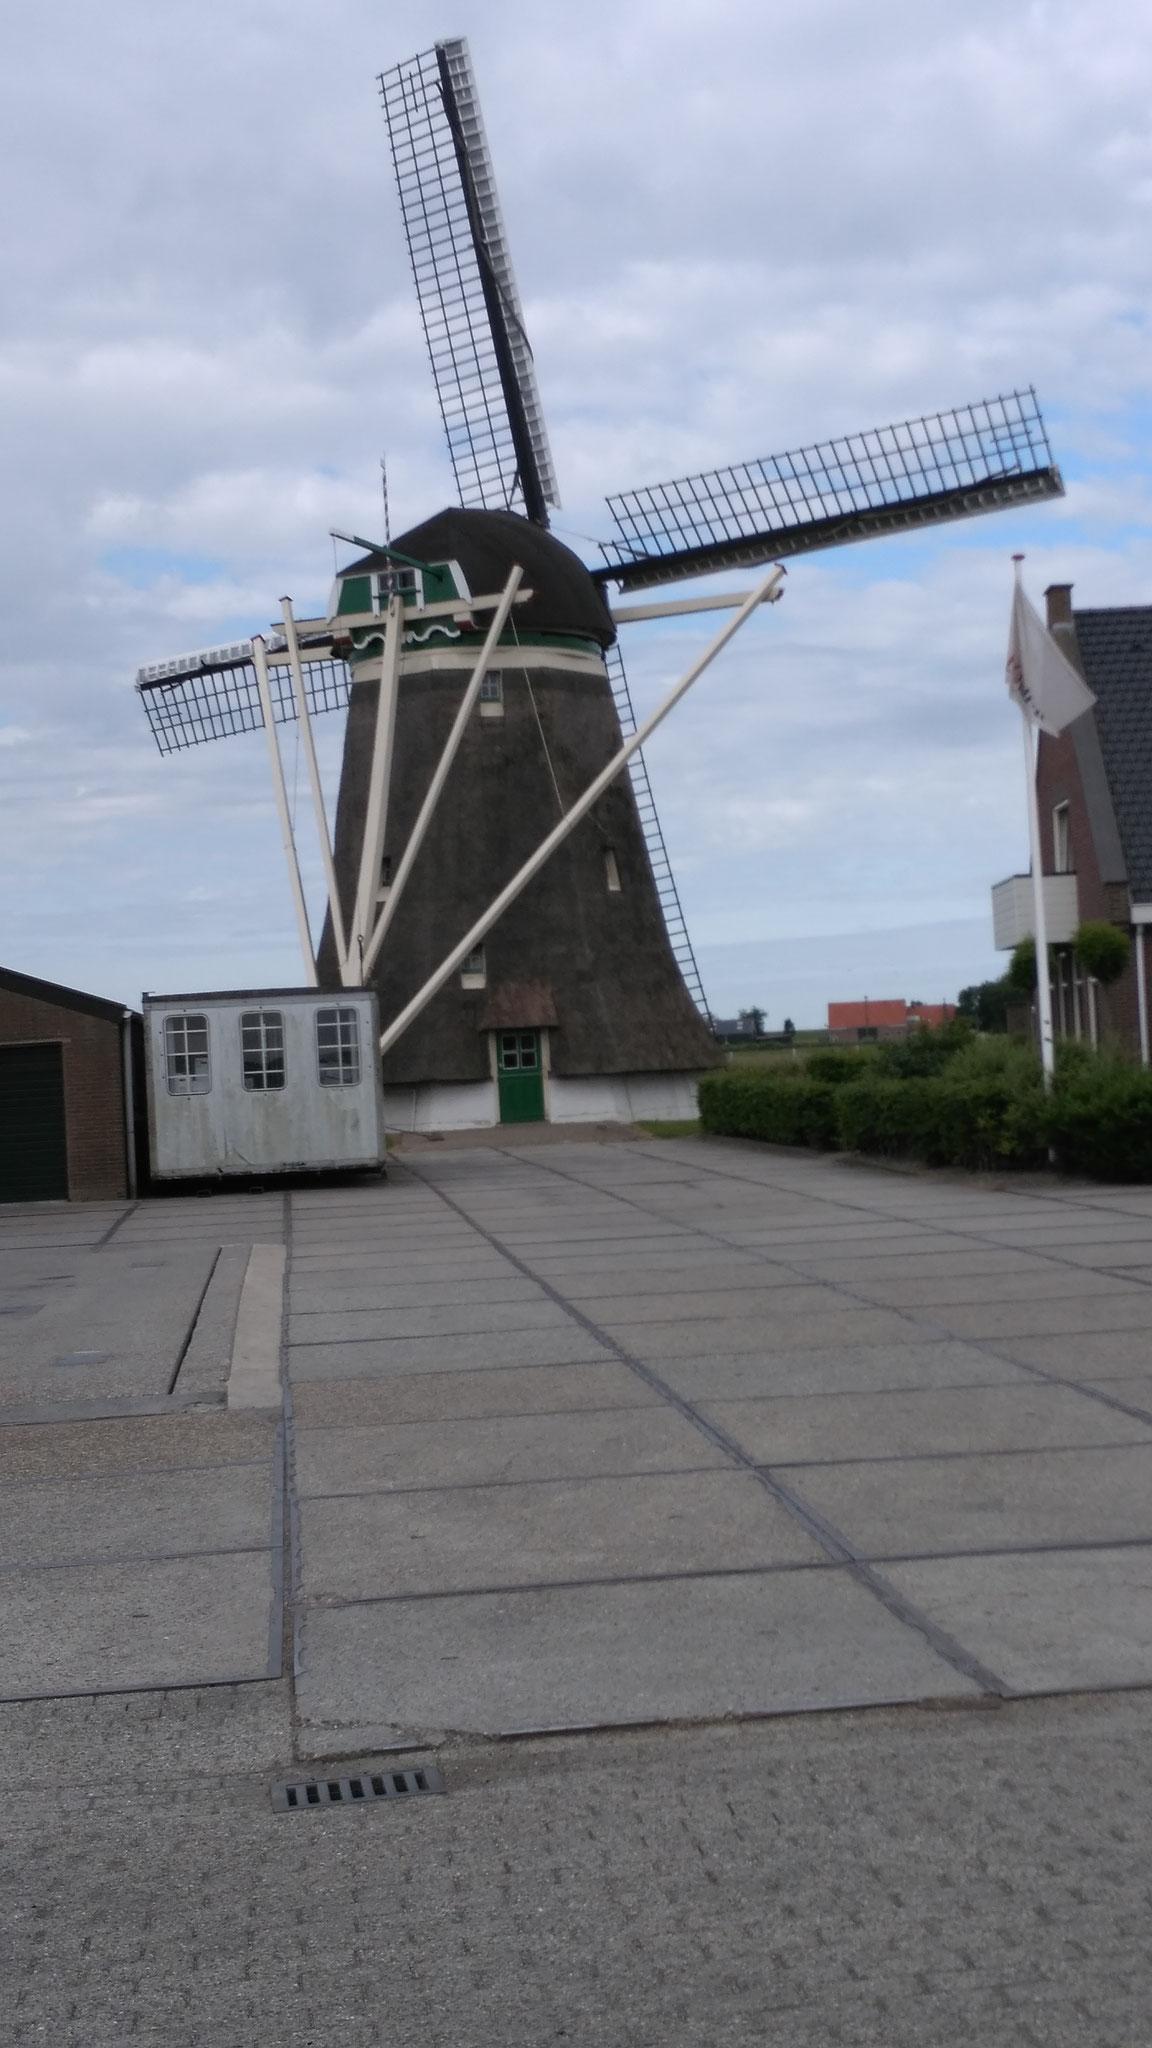 Windmühle auf dem Weg nach Renesse